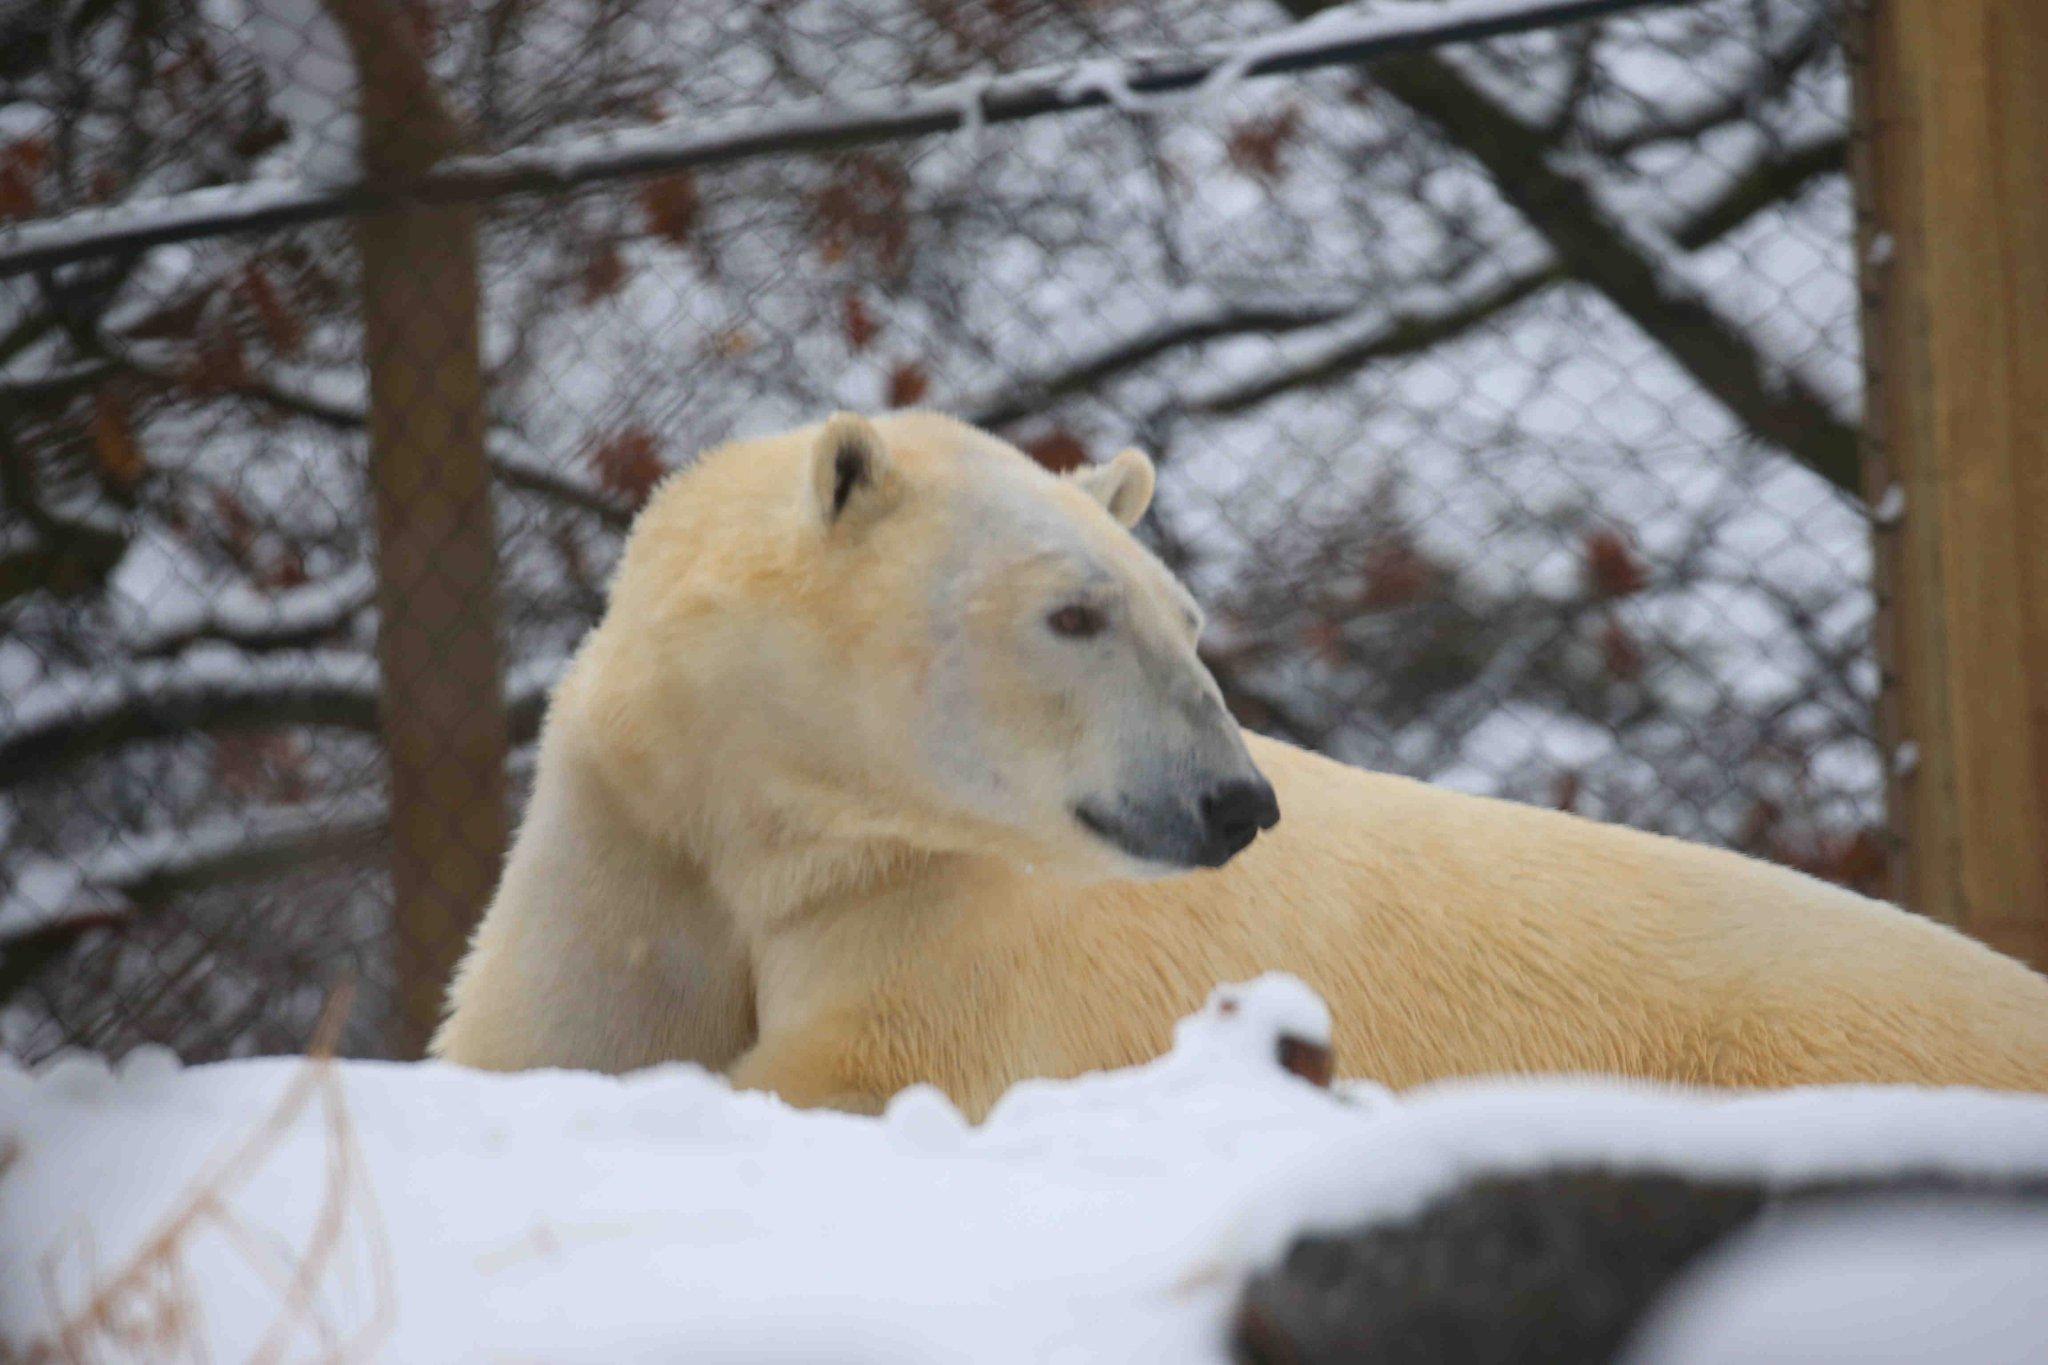 Sakari, the Buffalo Zoo's new polar bear, will be introduced to public on New Year's Day. (John Hickey/Buffalo News)